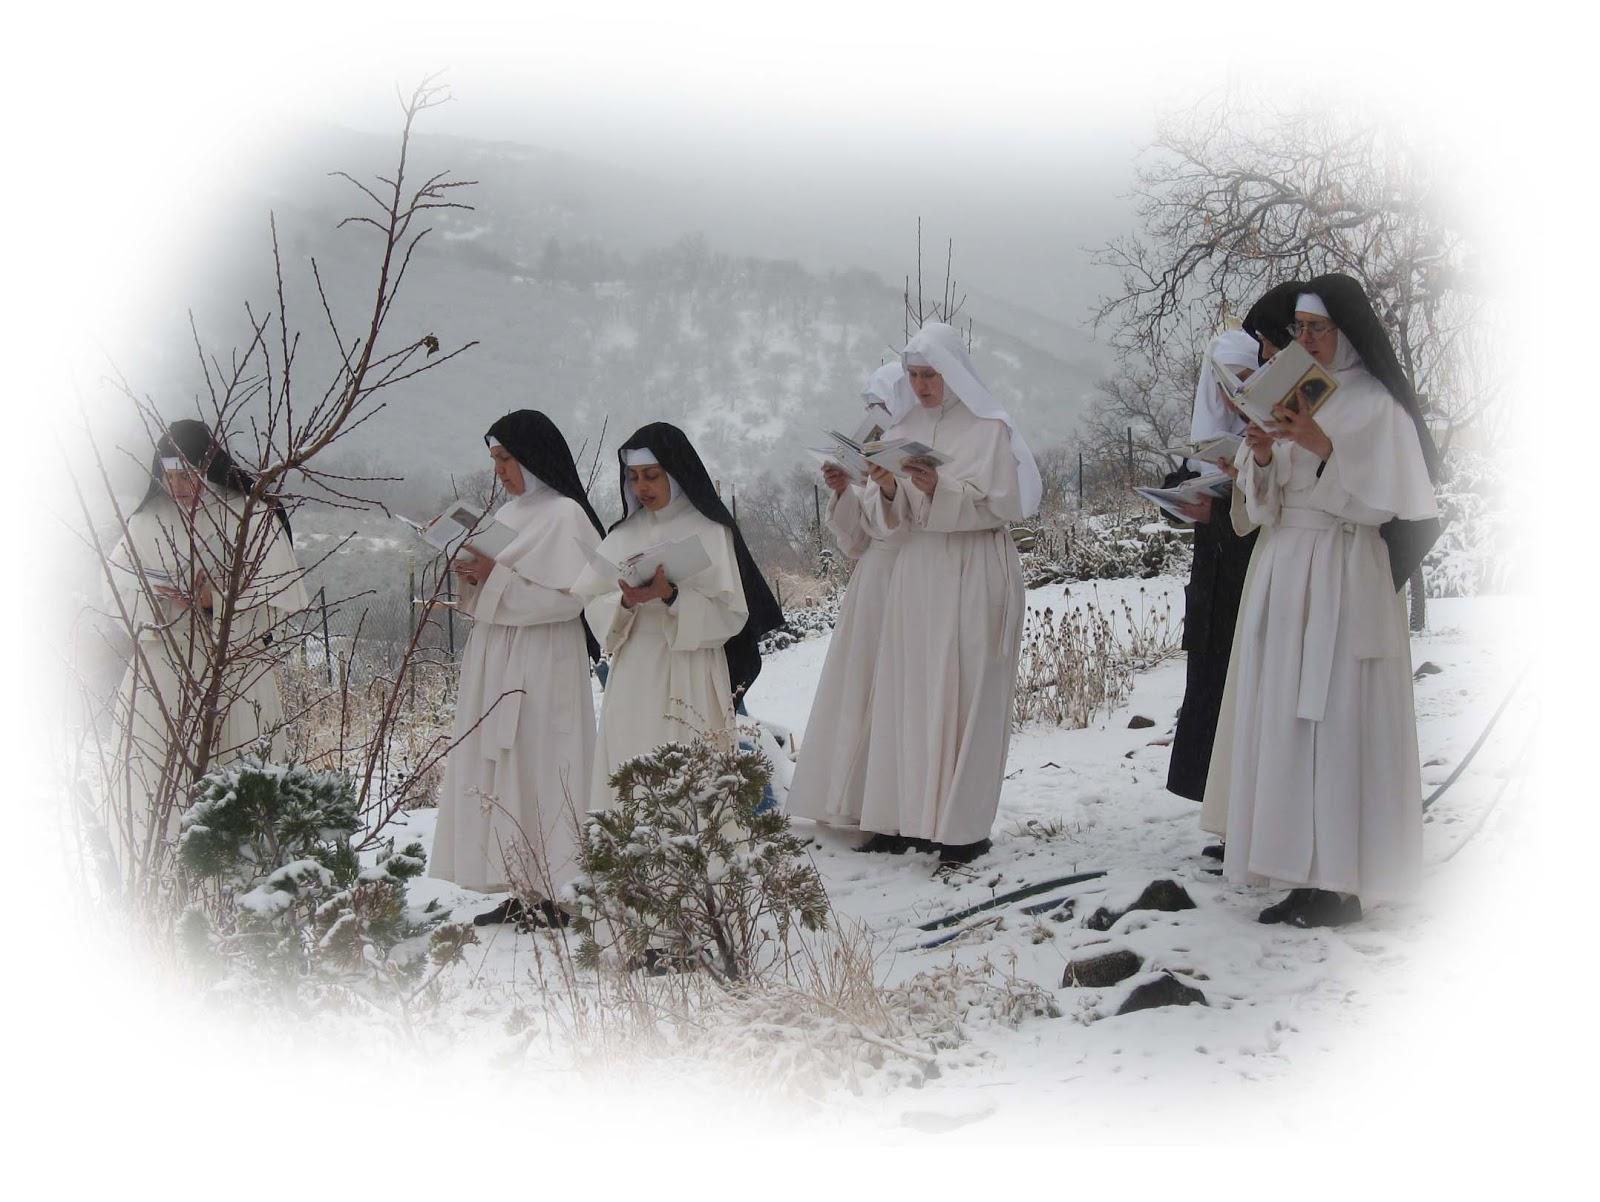 The Catholic Habit All Saints Day